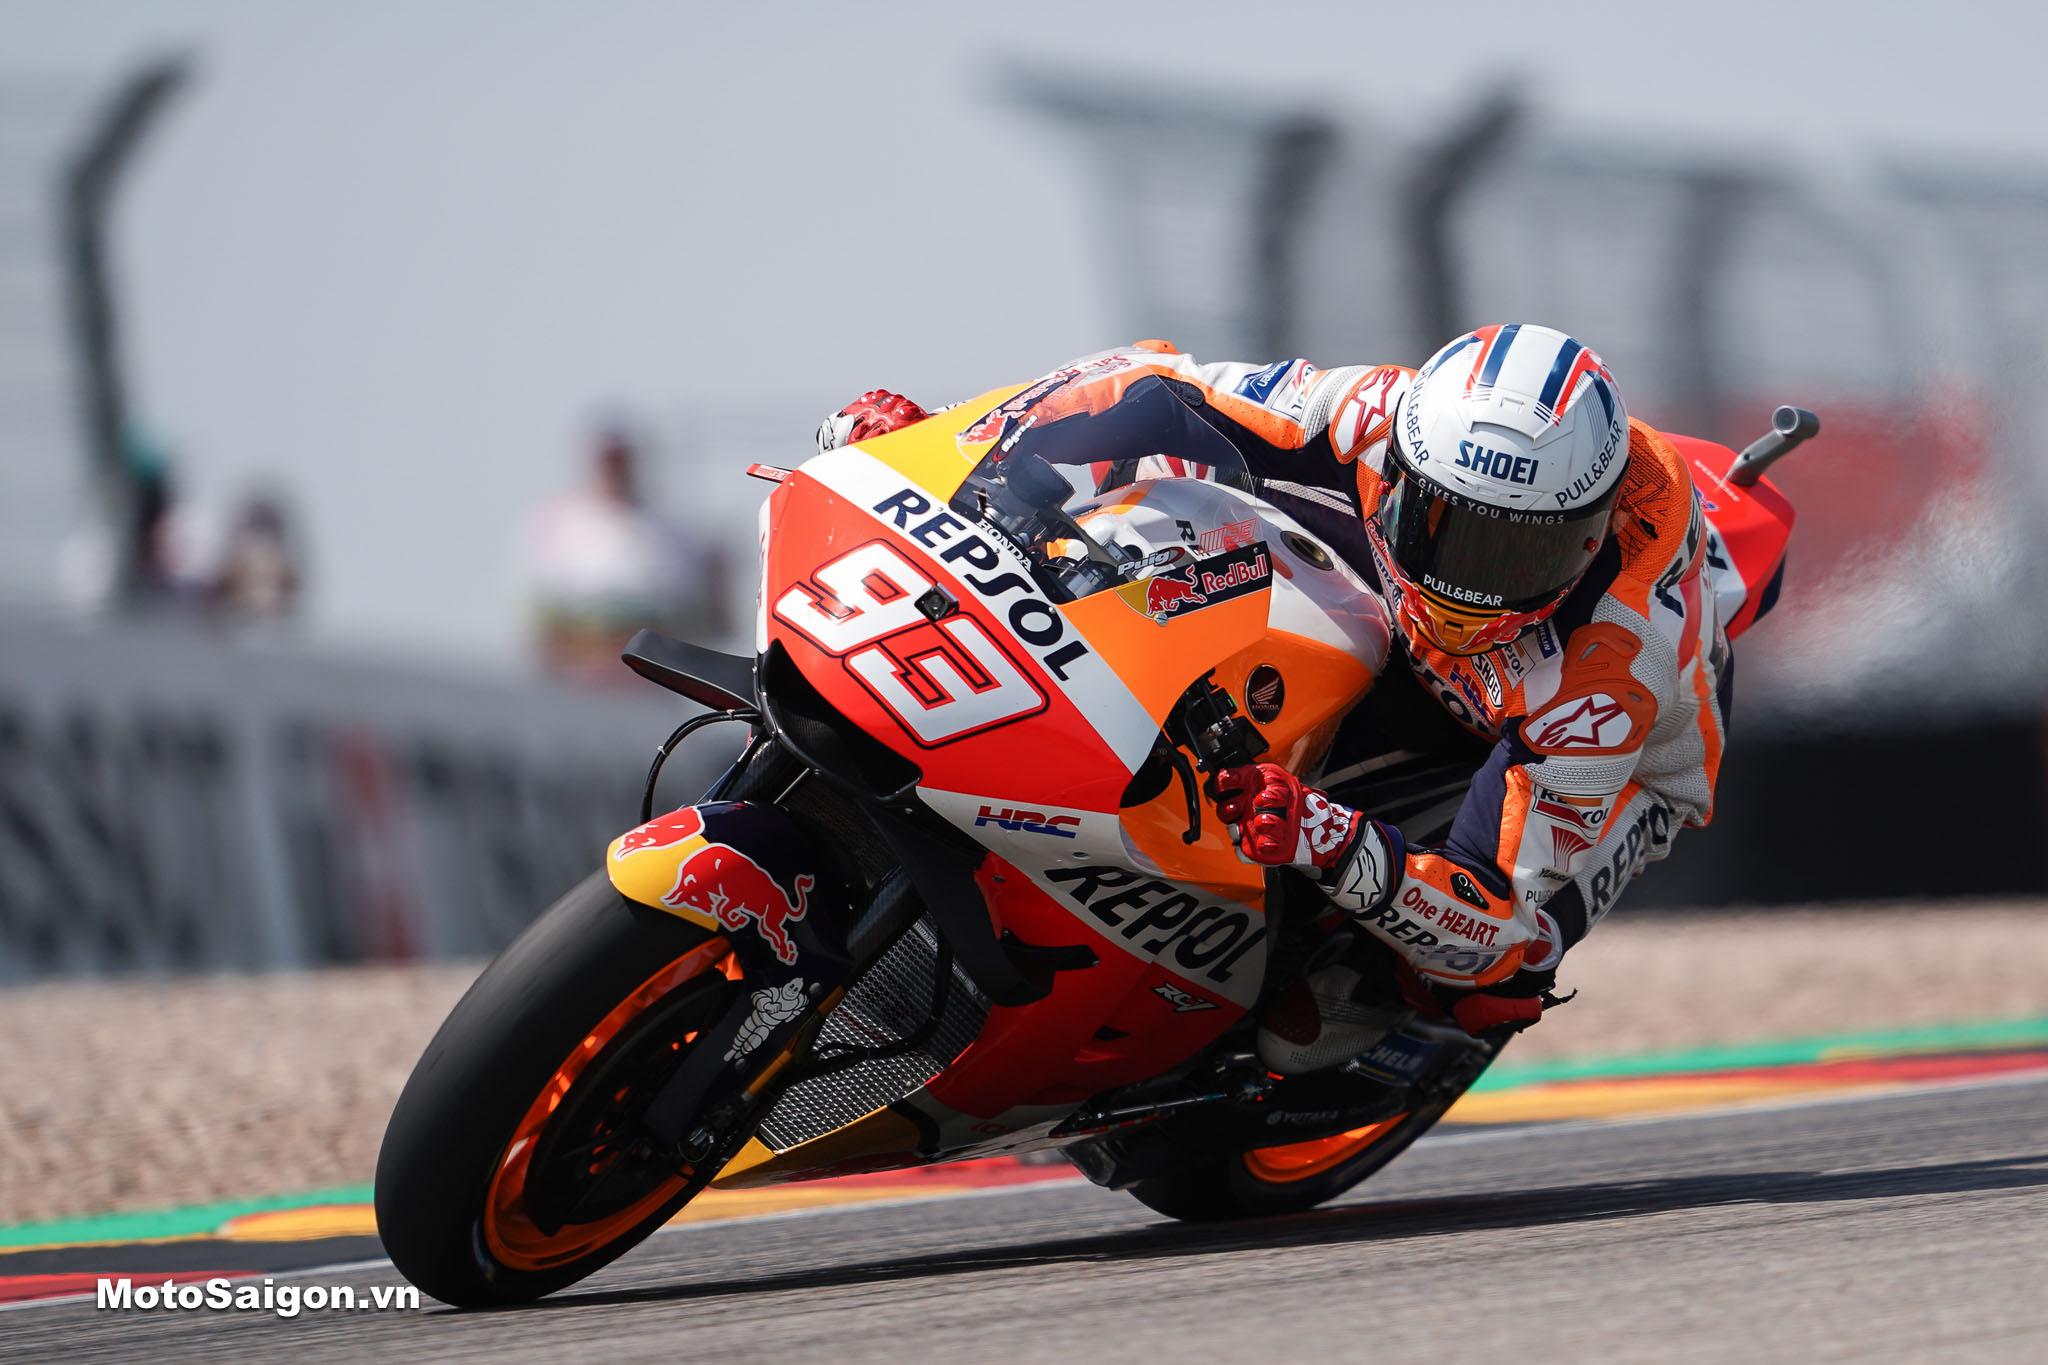 HVN tiếp tục tài trợ đội Repsol Honda Team. phát sóng 14 chặng MotoGP bằng tiếng việt